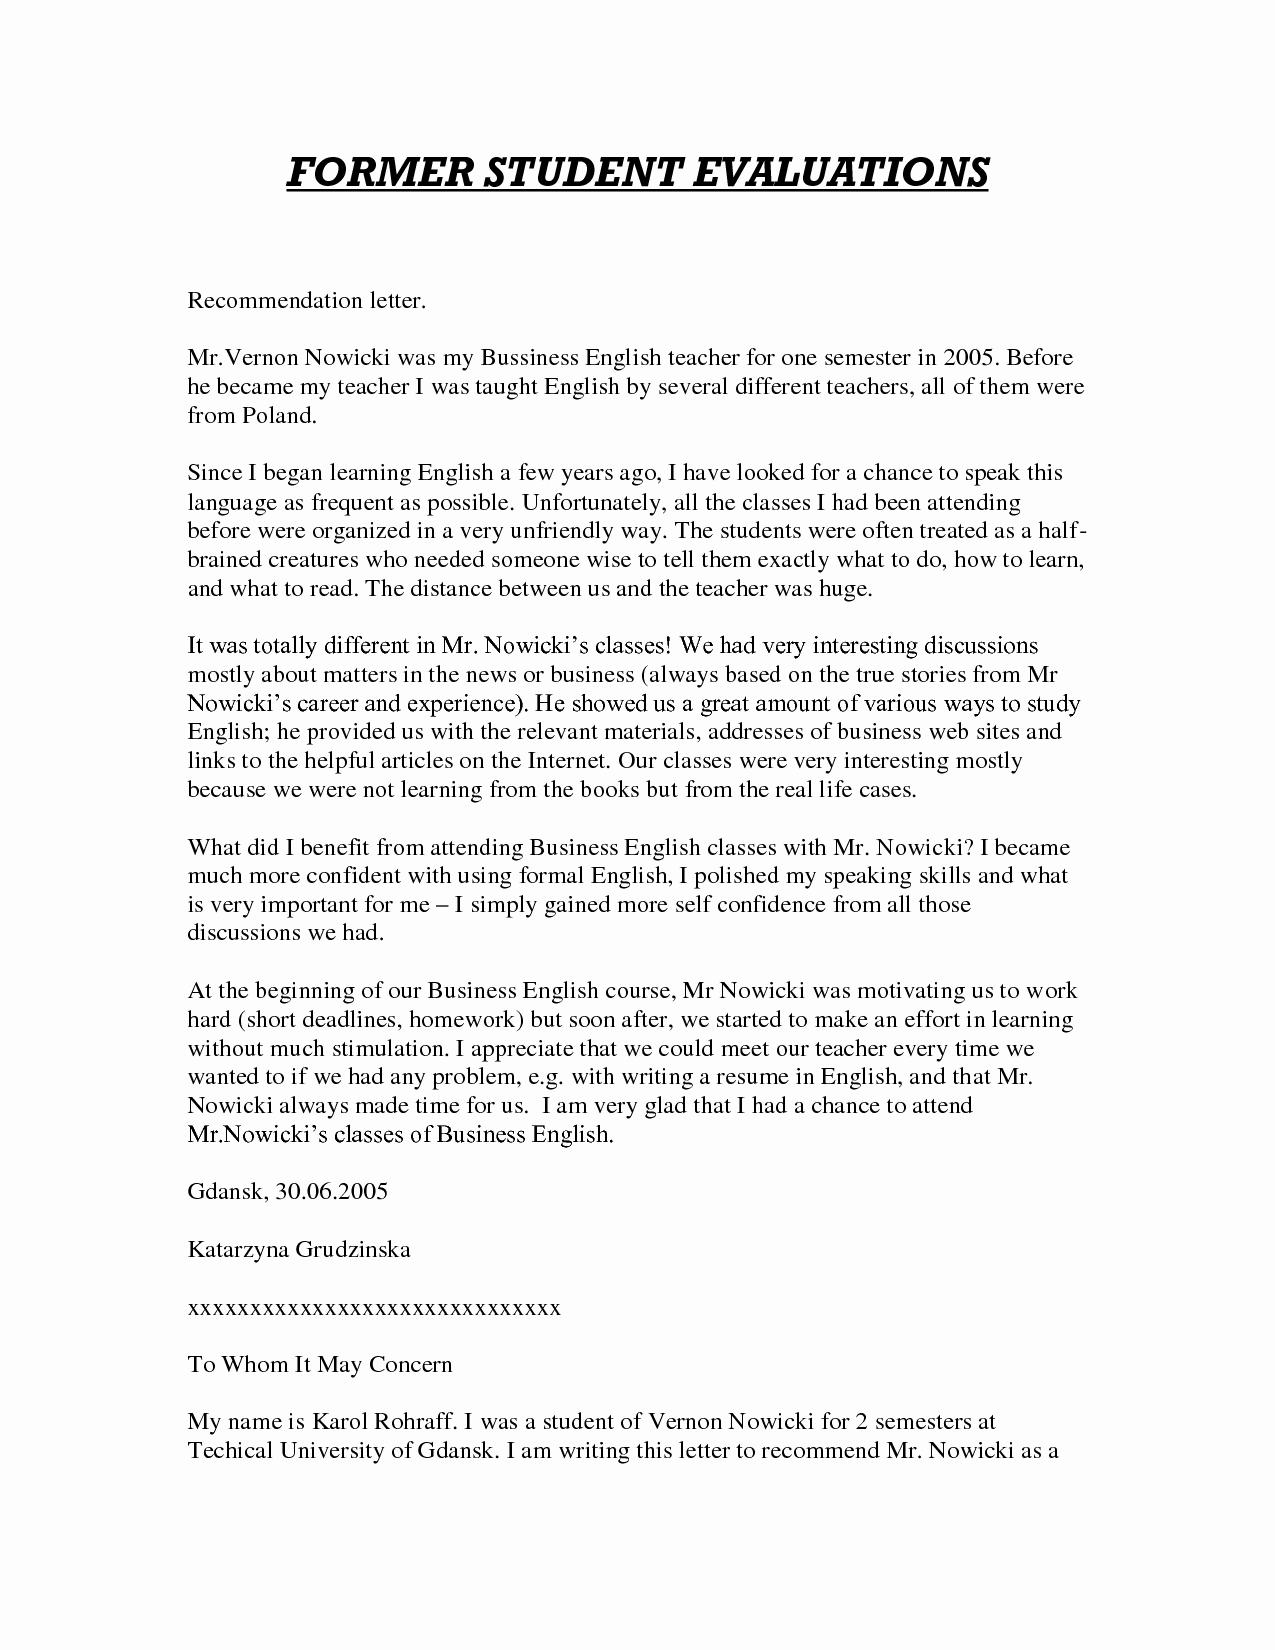 Reference Letter Examples for Teachers Best Of Sample Letter Of Re Mendation for Teacher